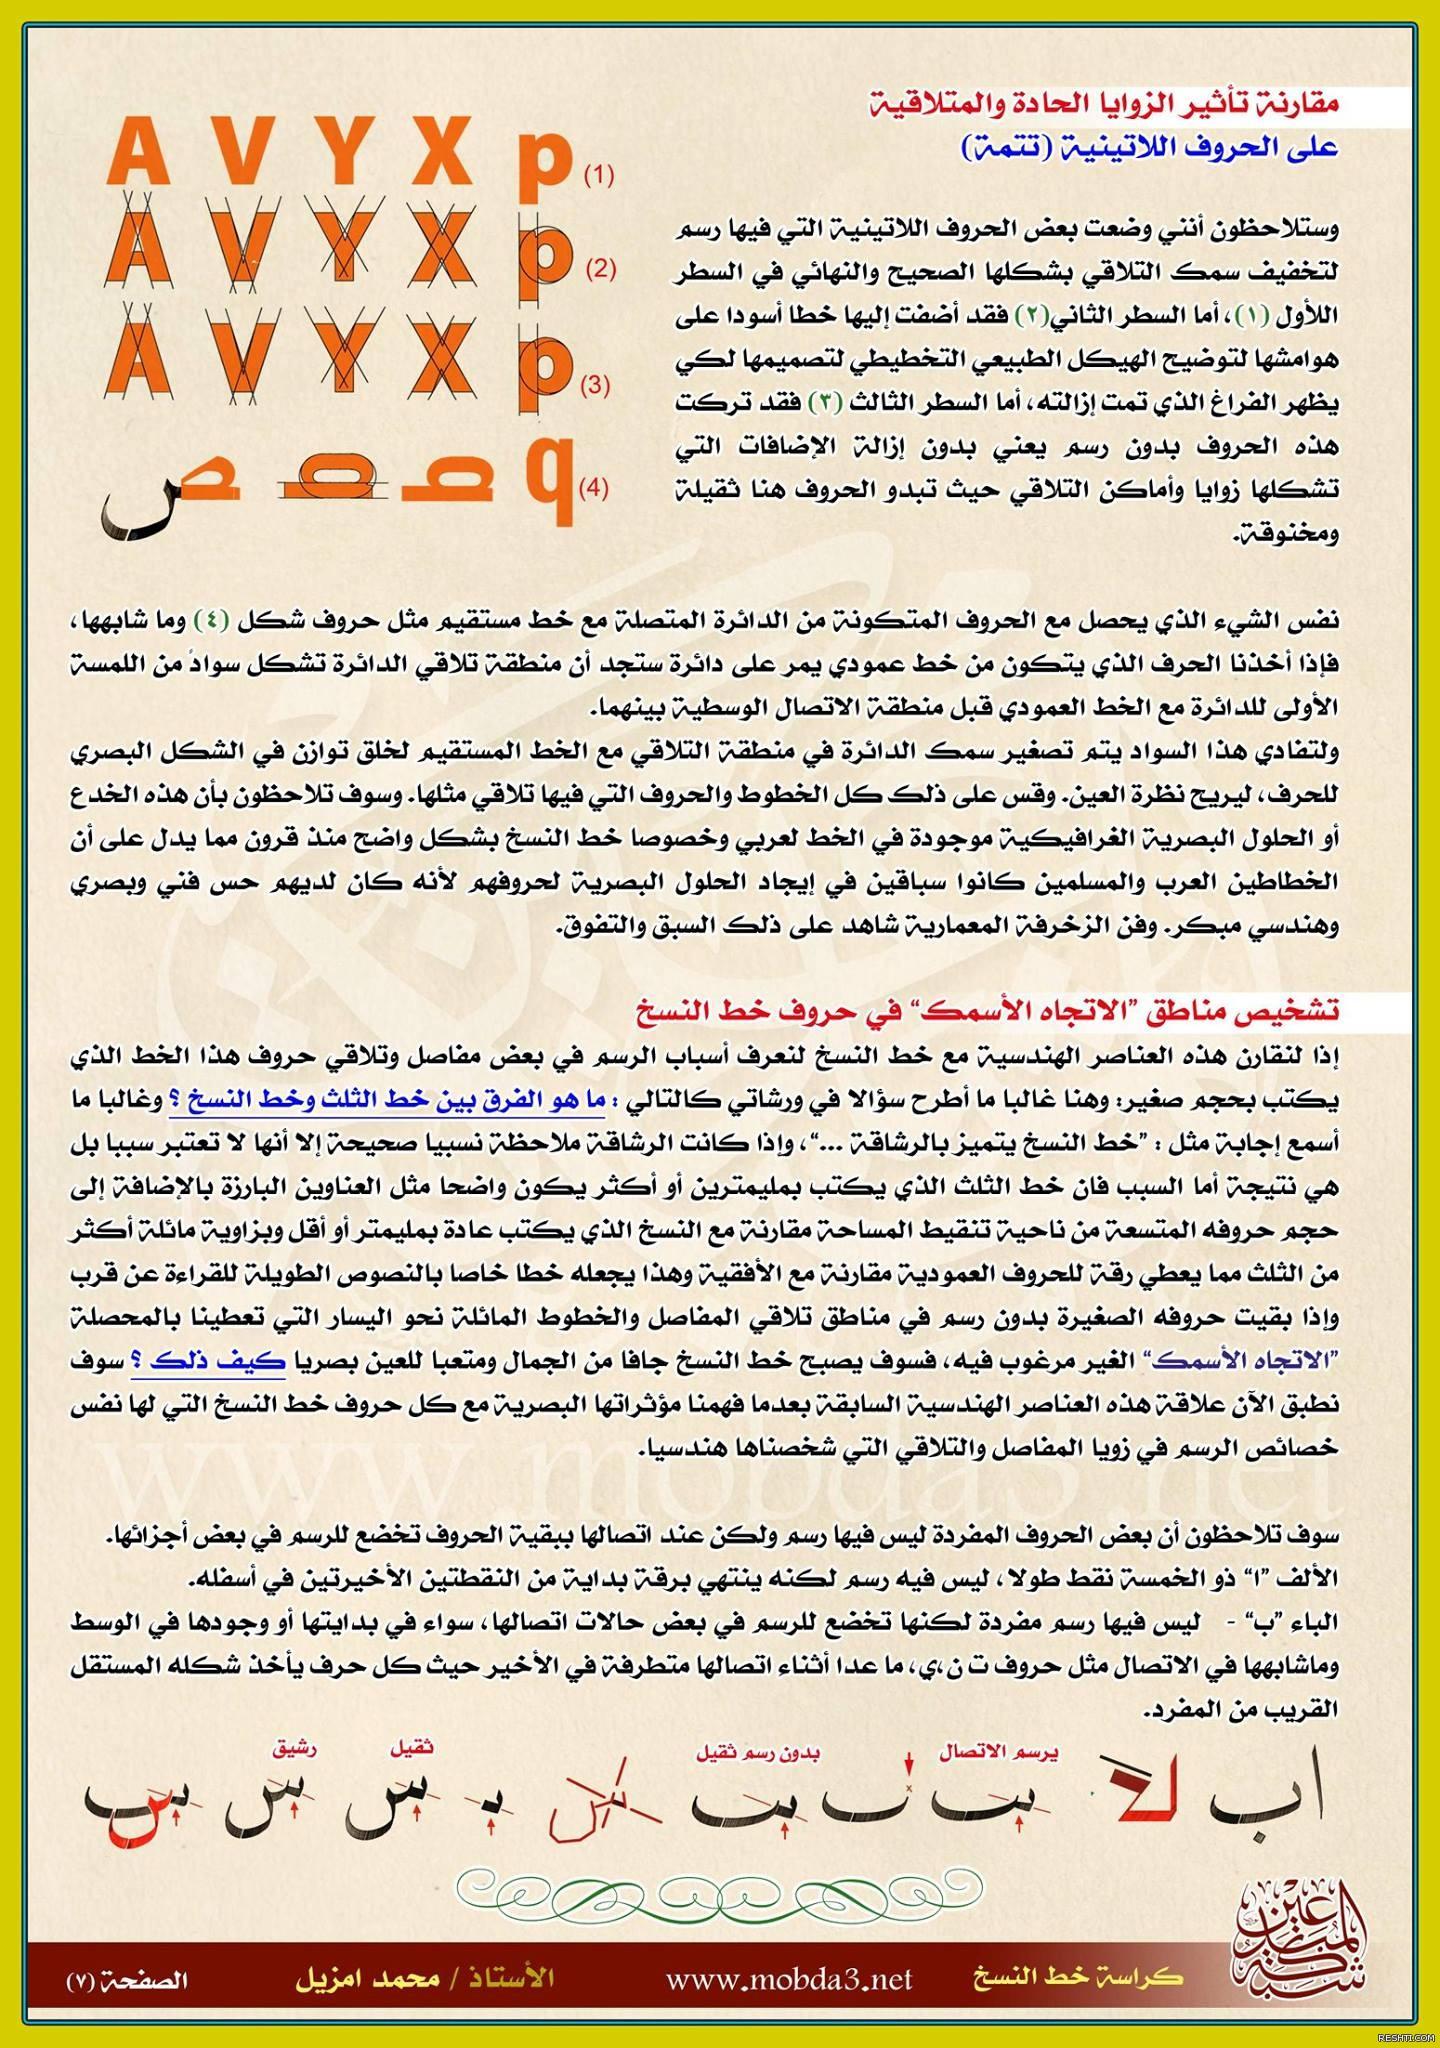 أسرار الرسم في خط النسخ - محمد أمزيل 5